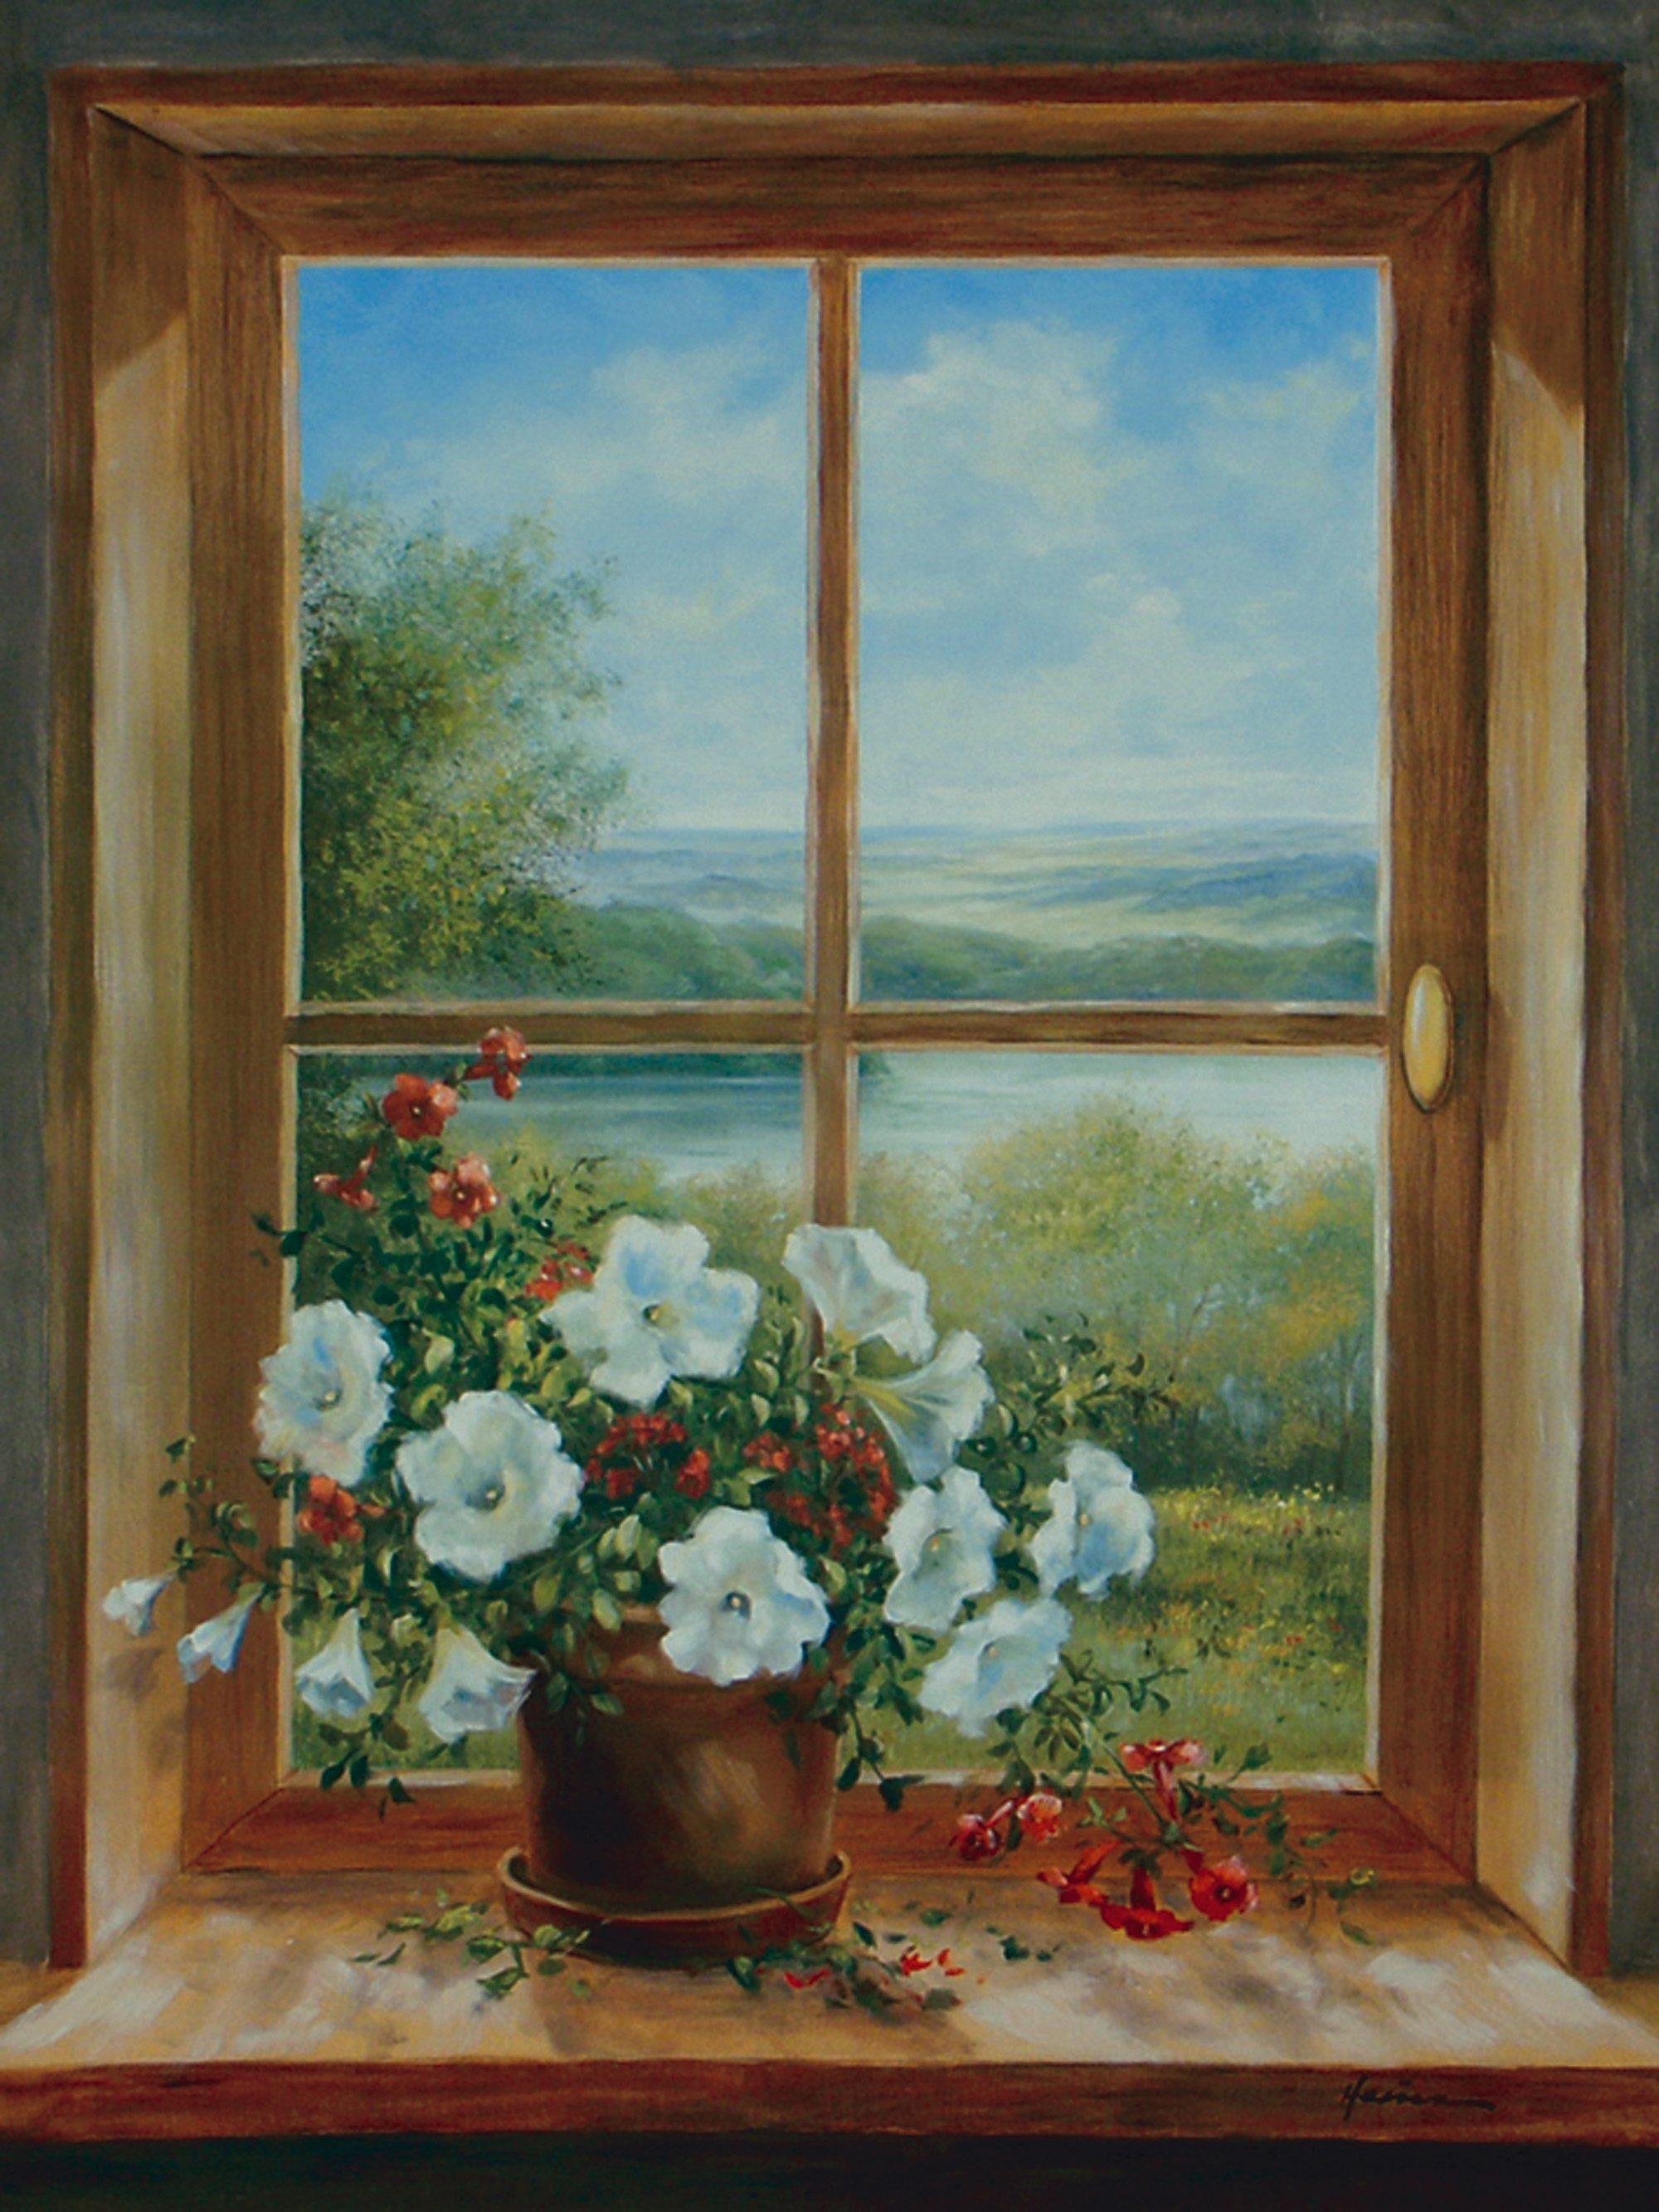 Home affaire, Leinwandbild, »A. Heins: Blumen am Fenster«, 57/79 cm